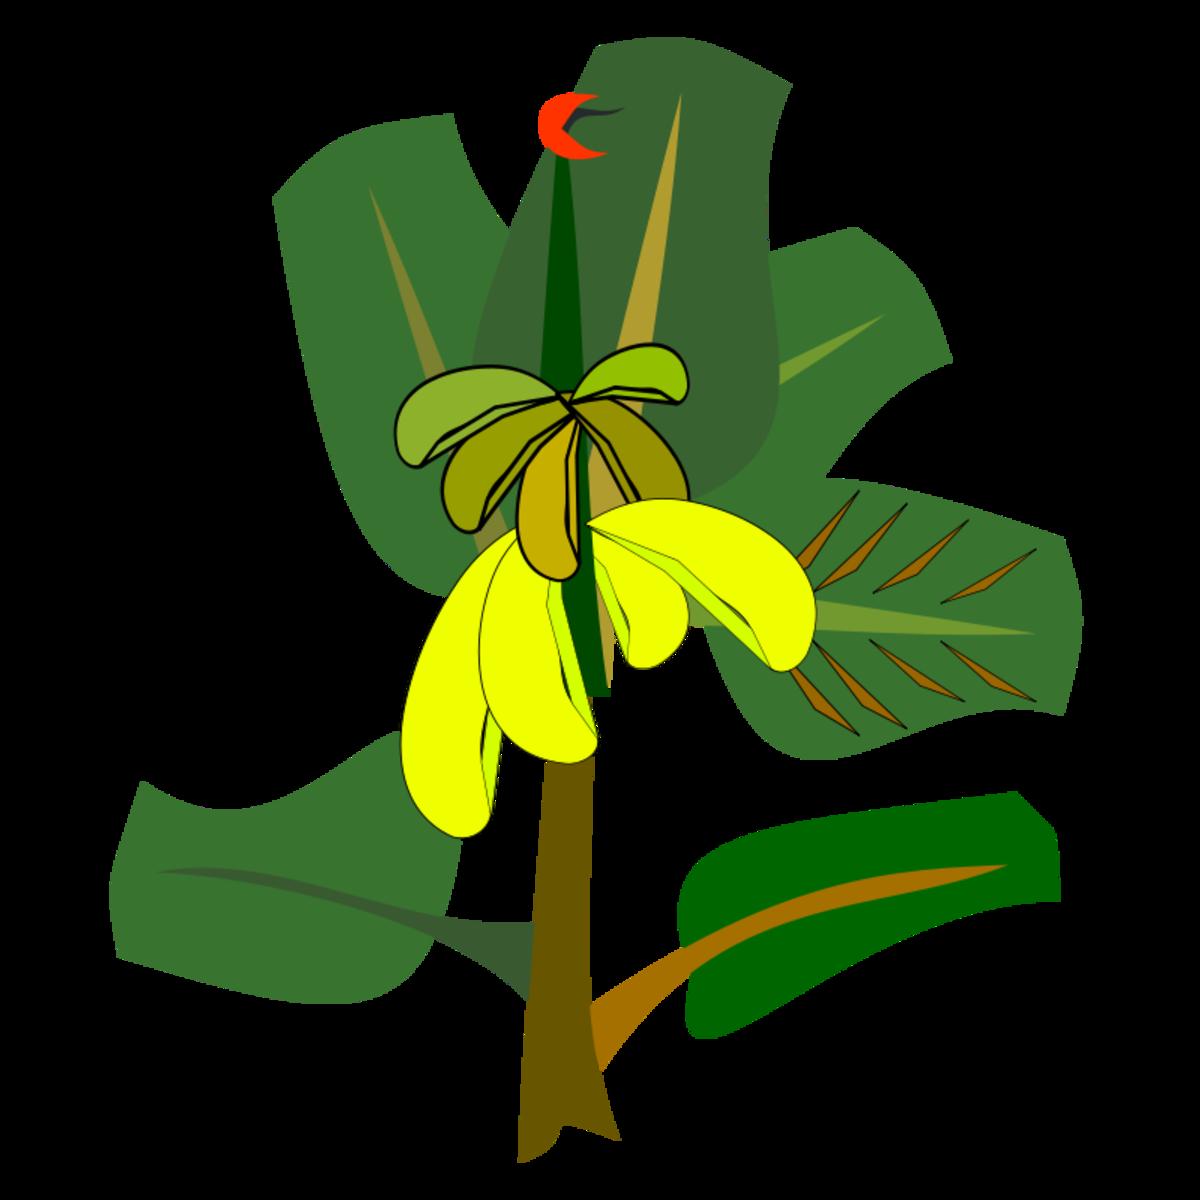 Bananas on Banana Tree Plant